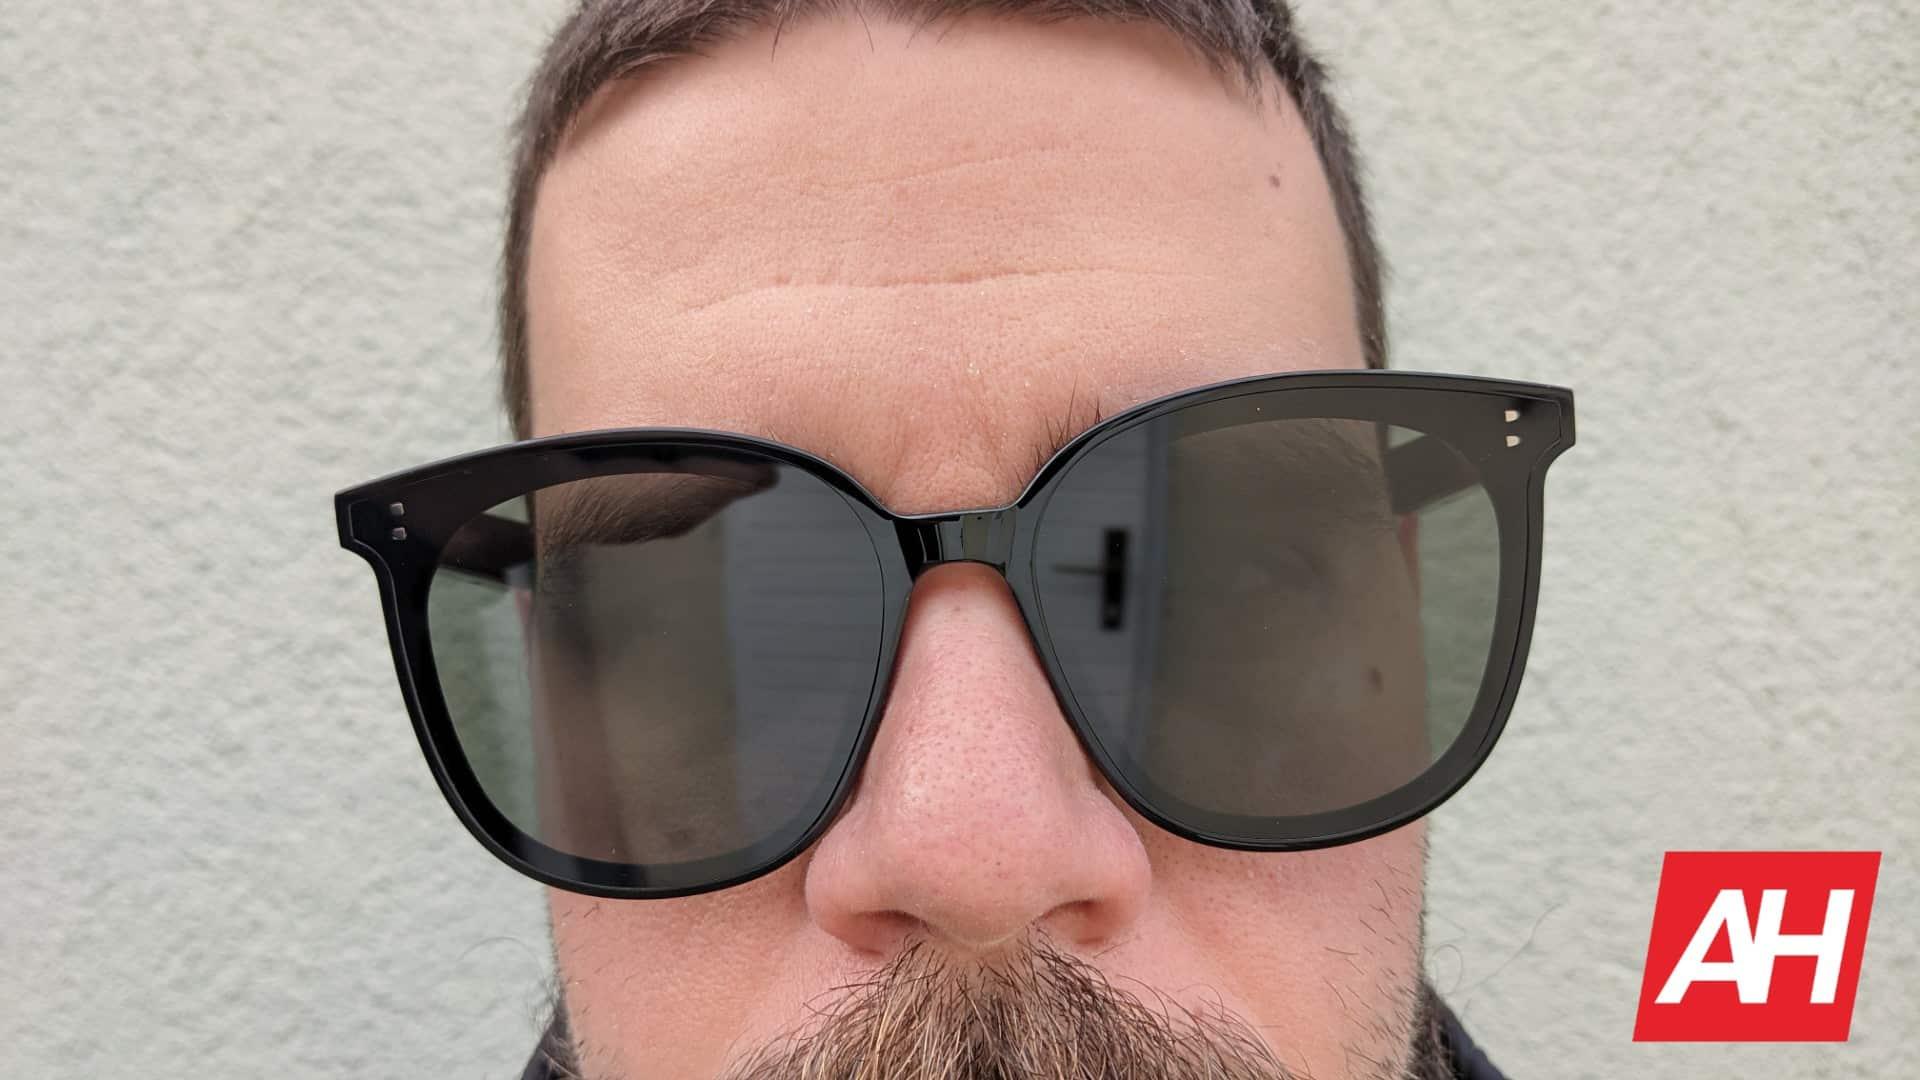 AH Huawei X Gentle Monster Eyewear II image 103